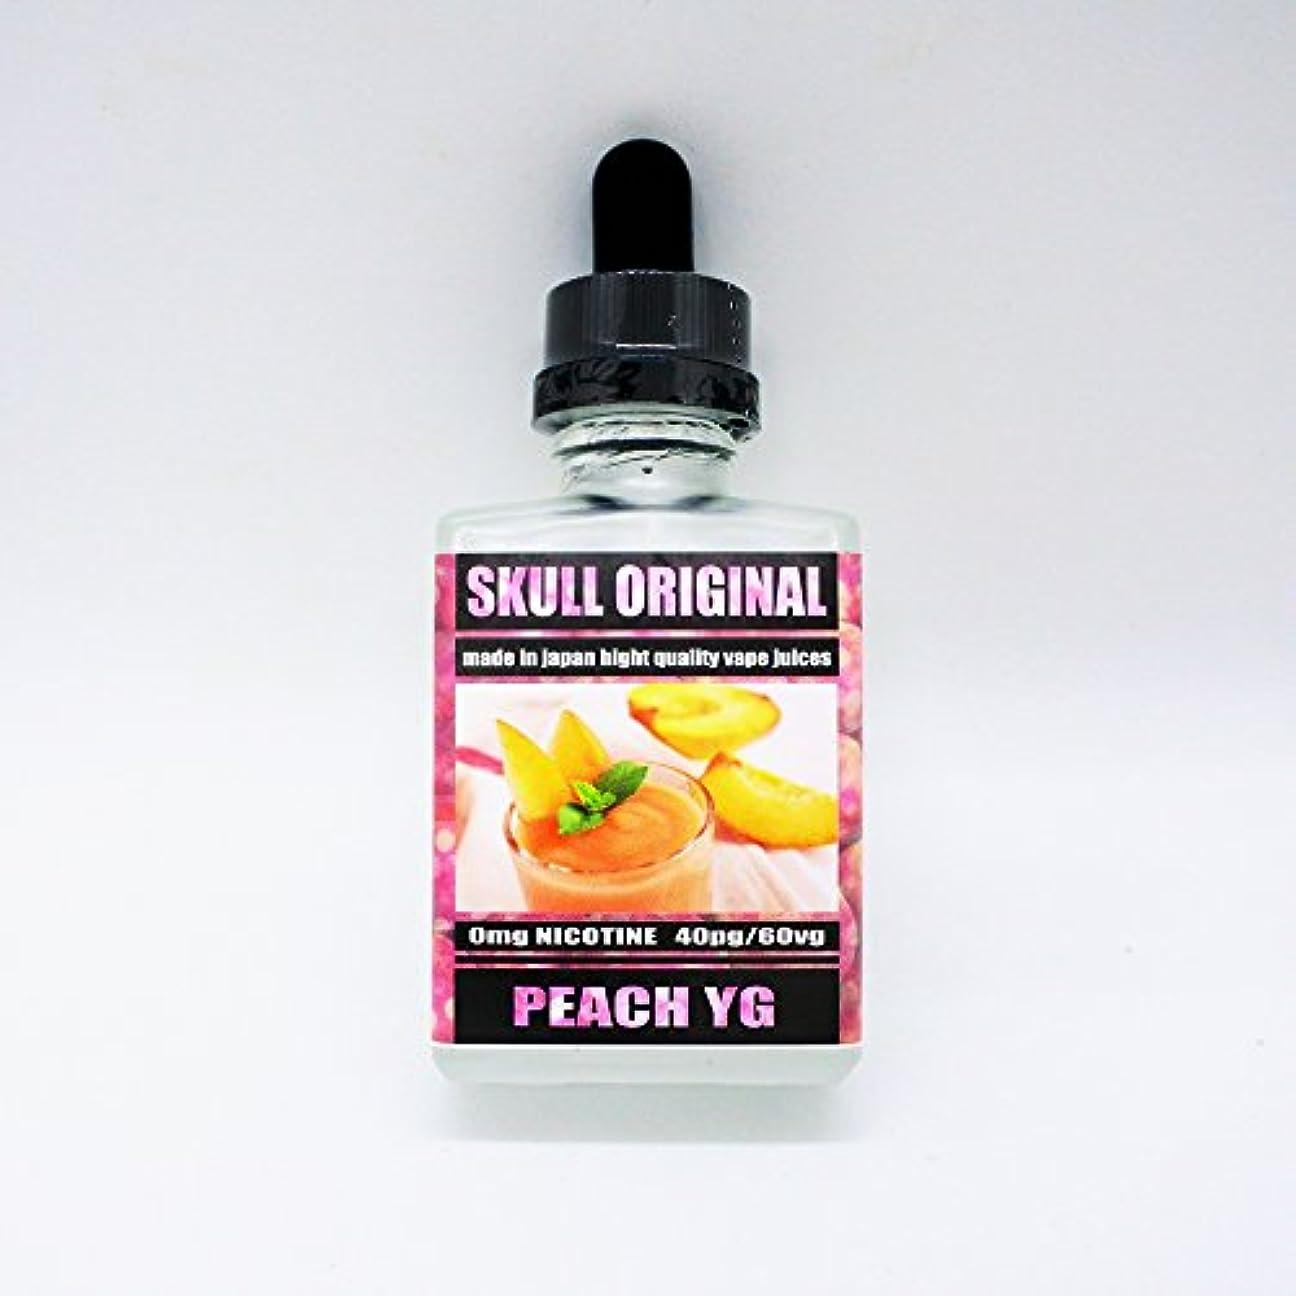 虚栄心離婚日記(スカルオリジナル) SKULL ORIGINAL 30ml リキッド 国産 (Peach Yogult (ピーチヨーグルト))